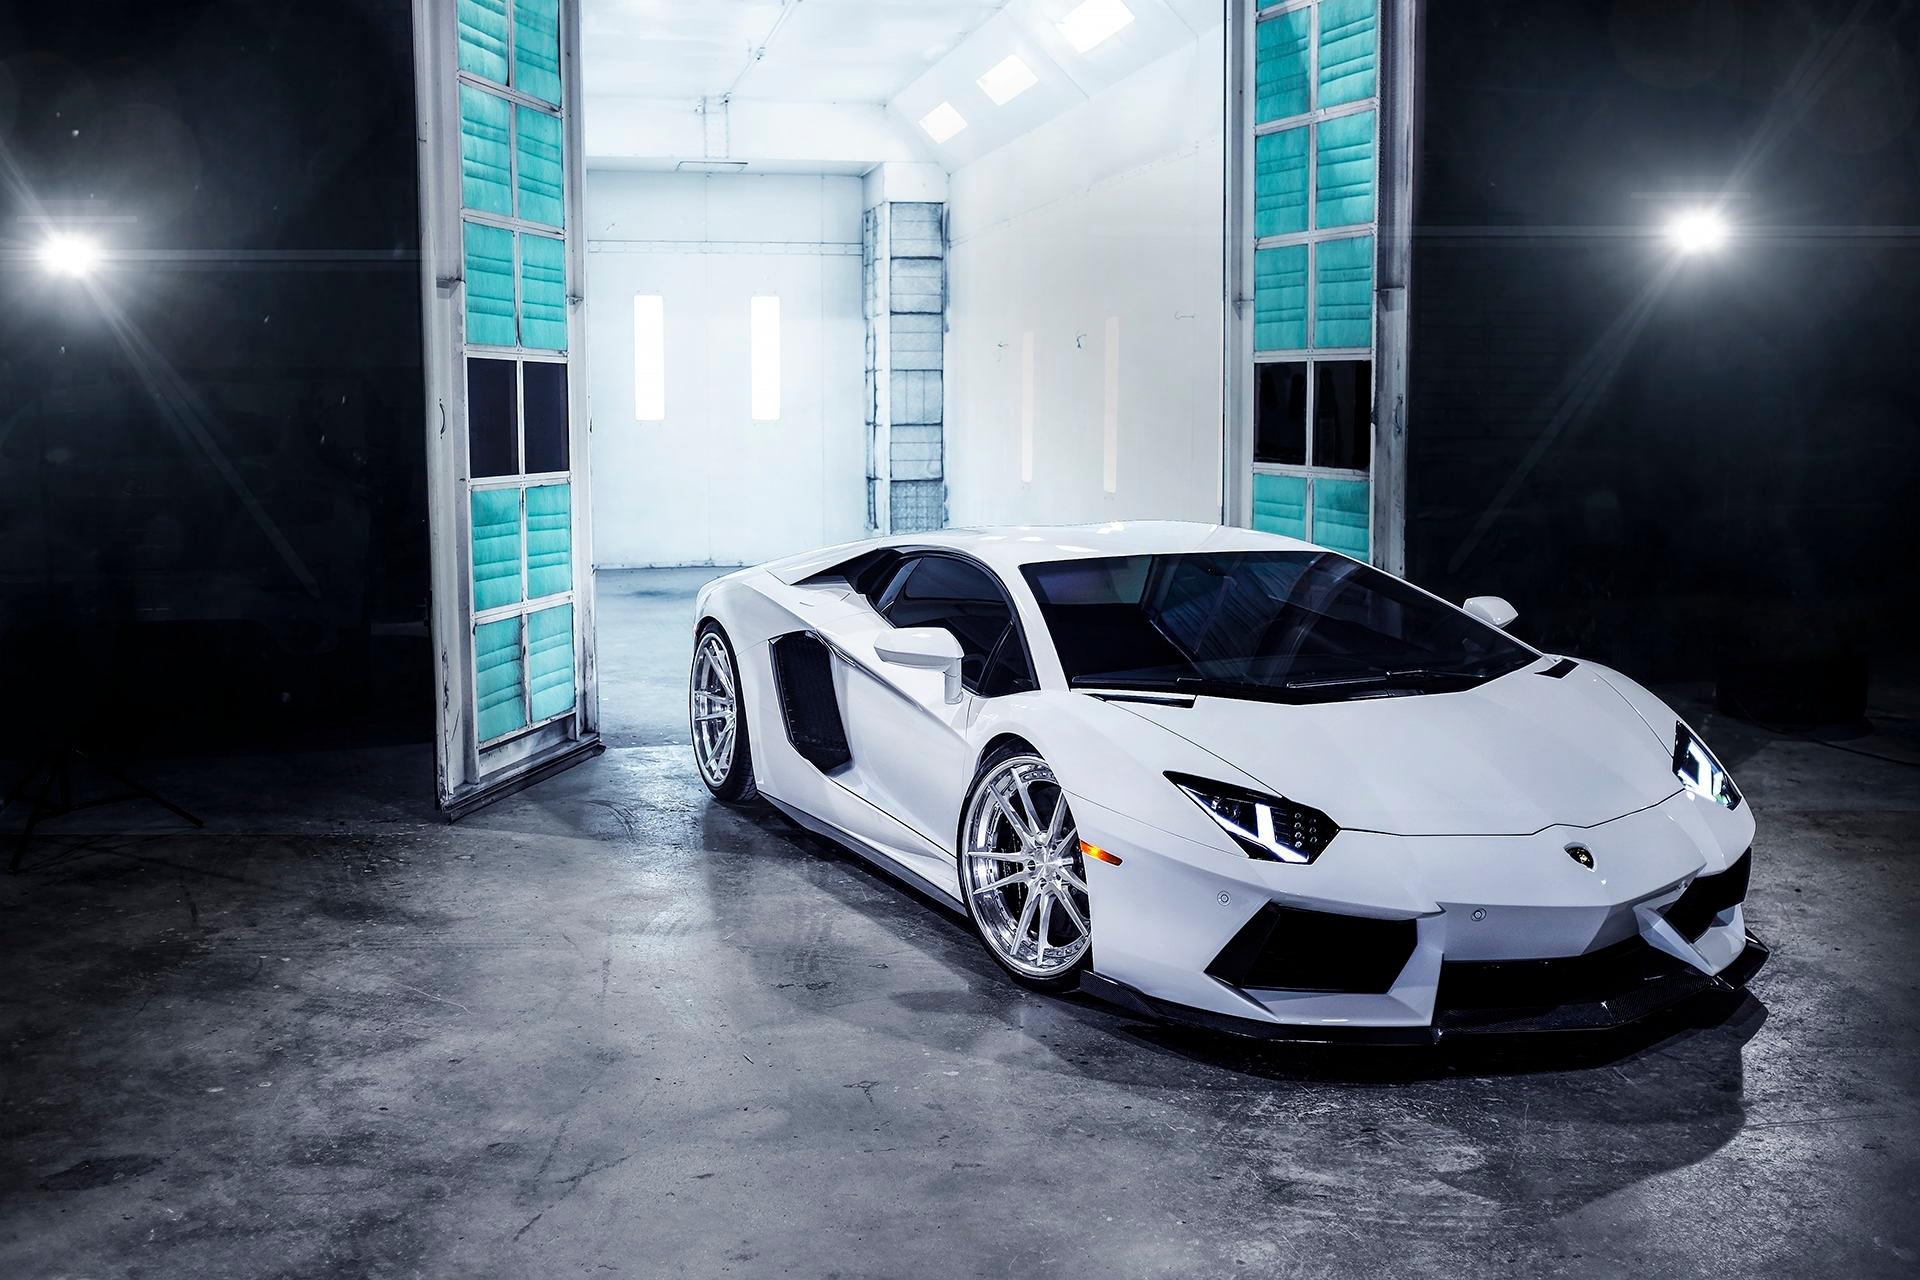 Lamborghini Aventador White Front View